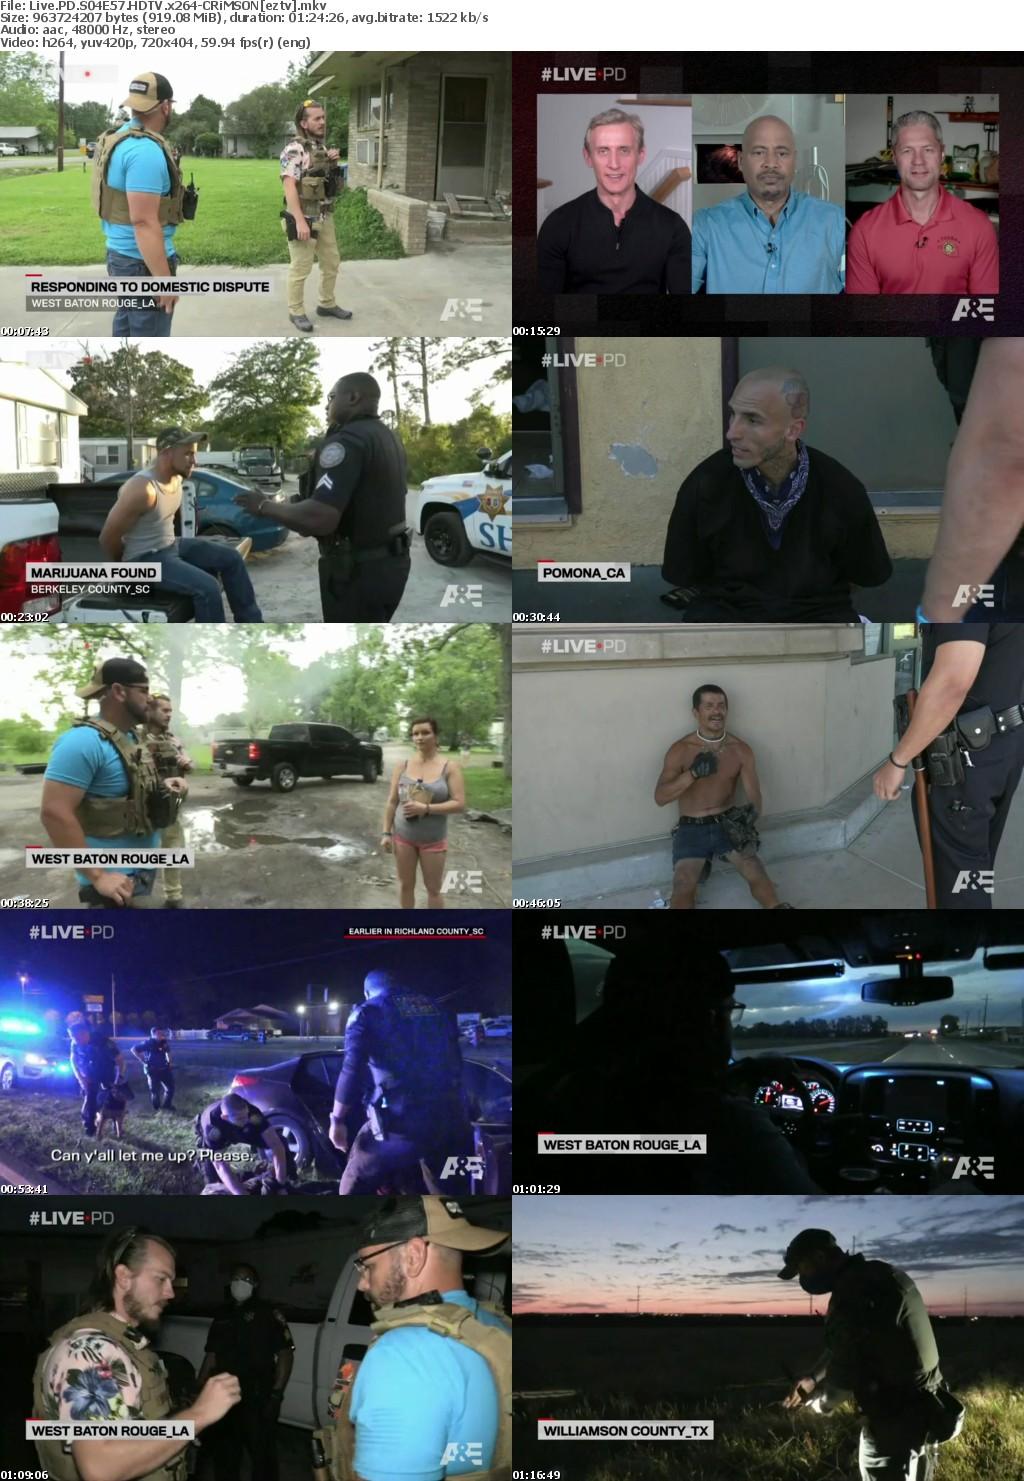 Live PD S04E57 HDTV x264-CRiMSON